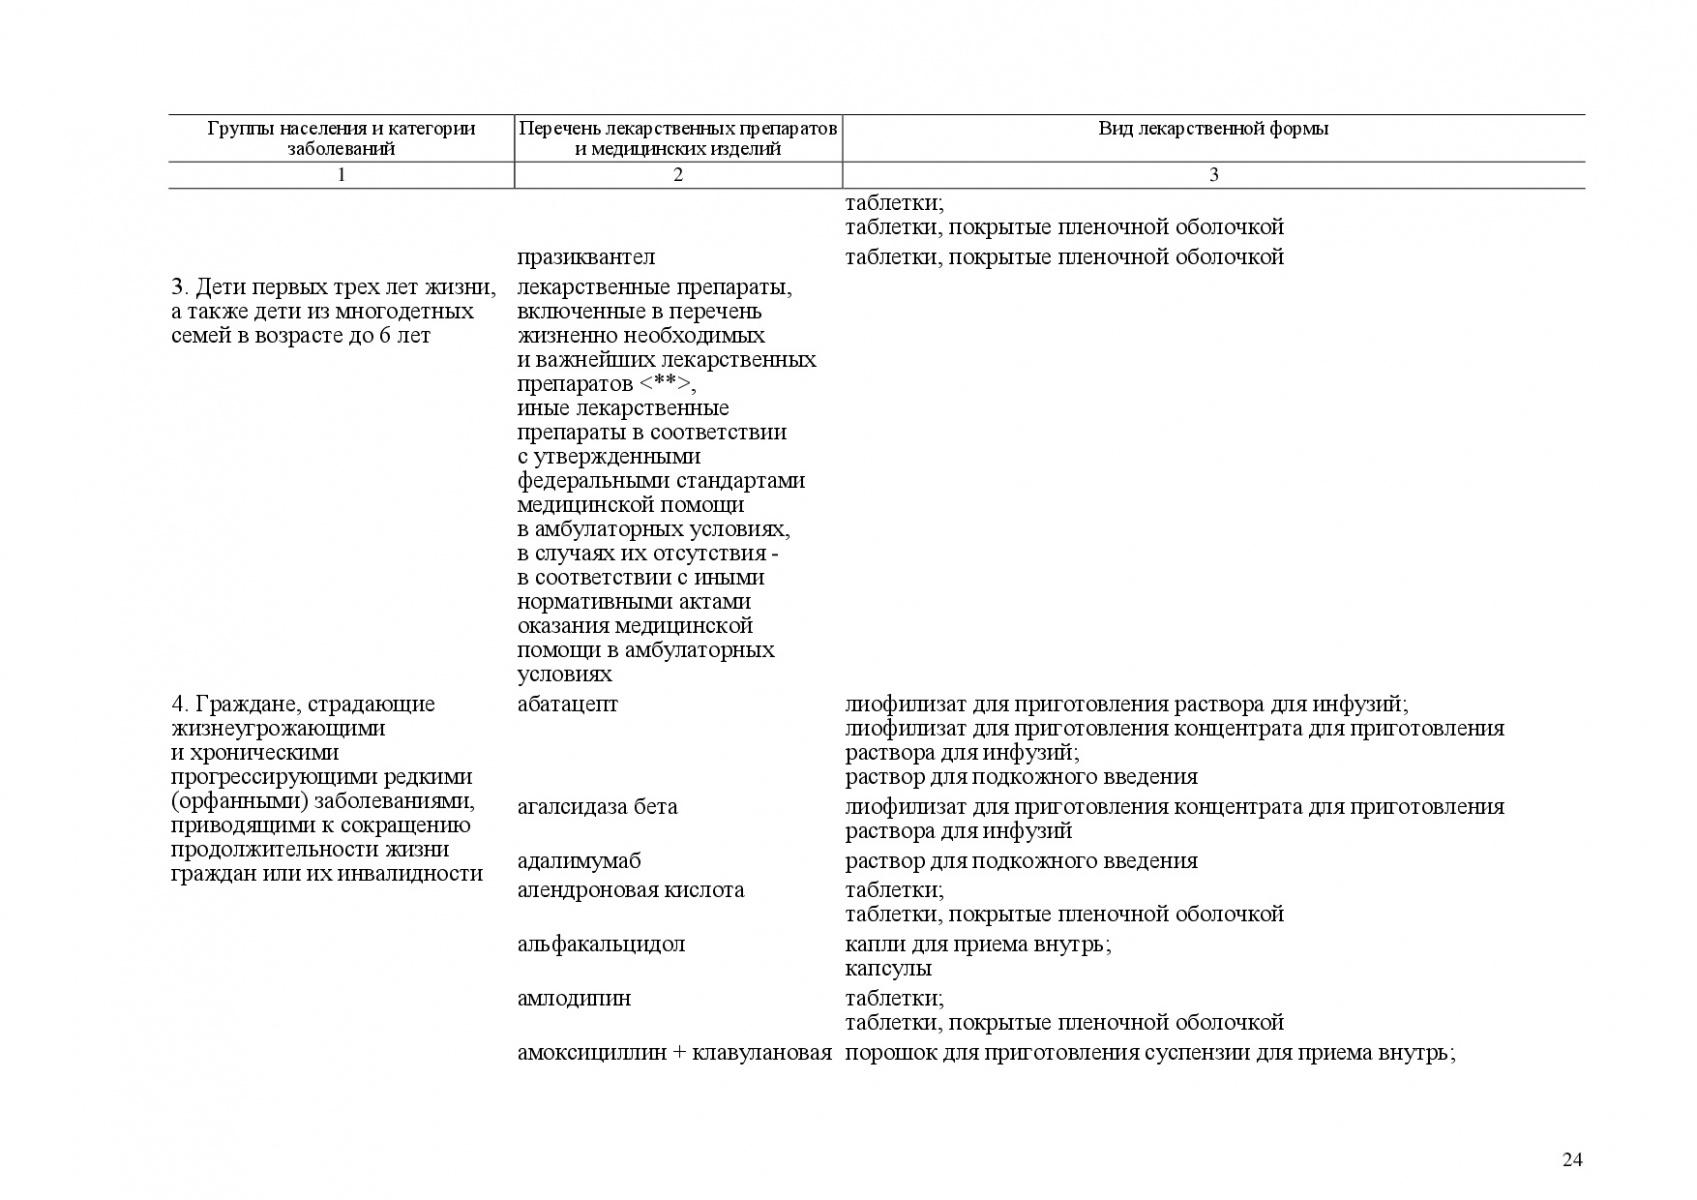 Prilozhenie-6-127-OD-024